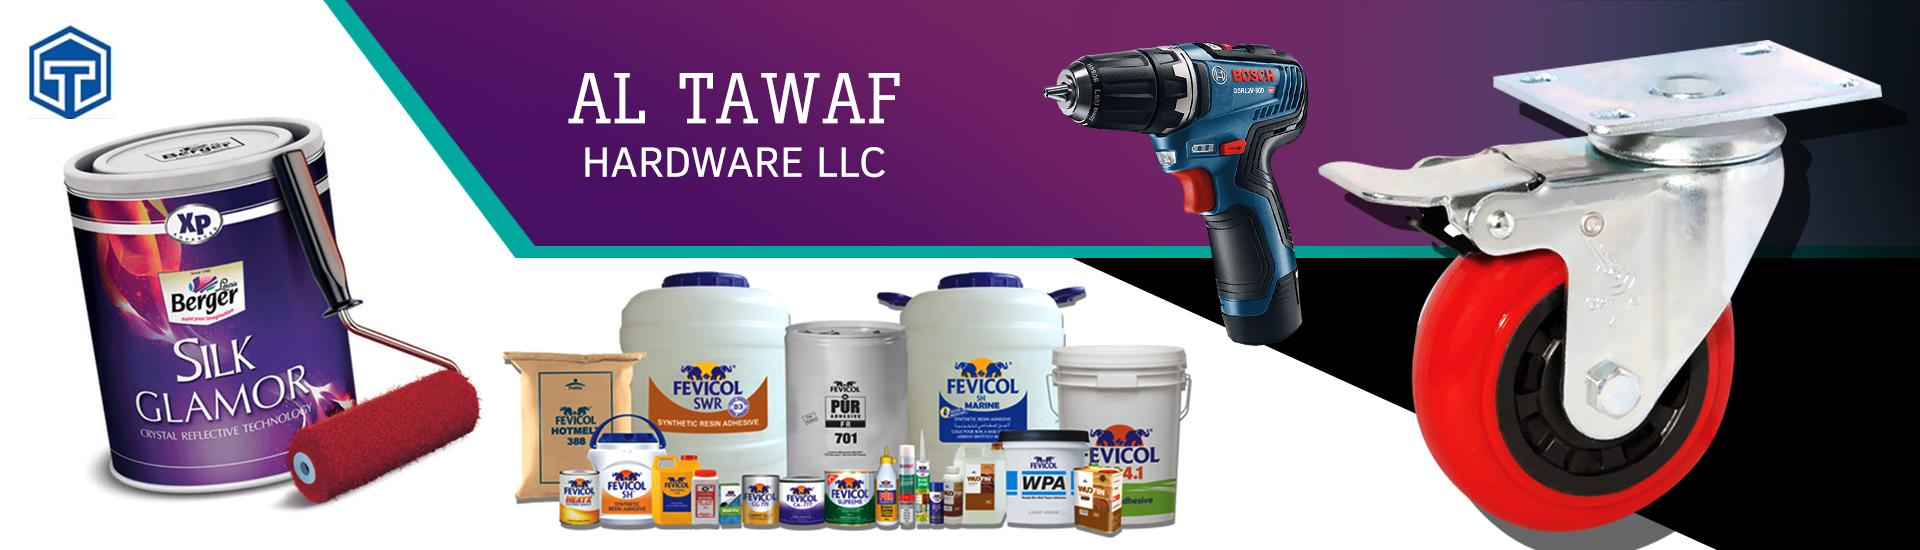 AL TAWAF HARDWARE LLC